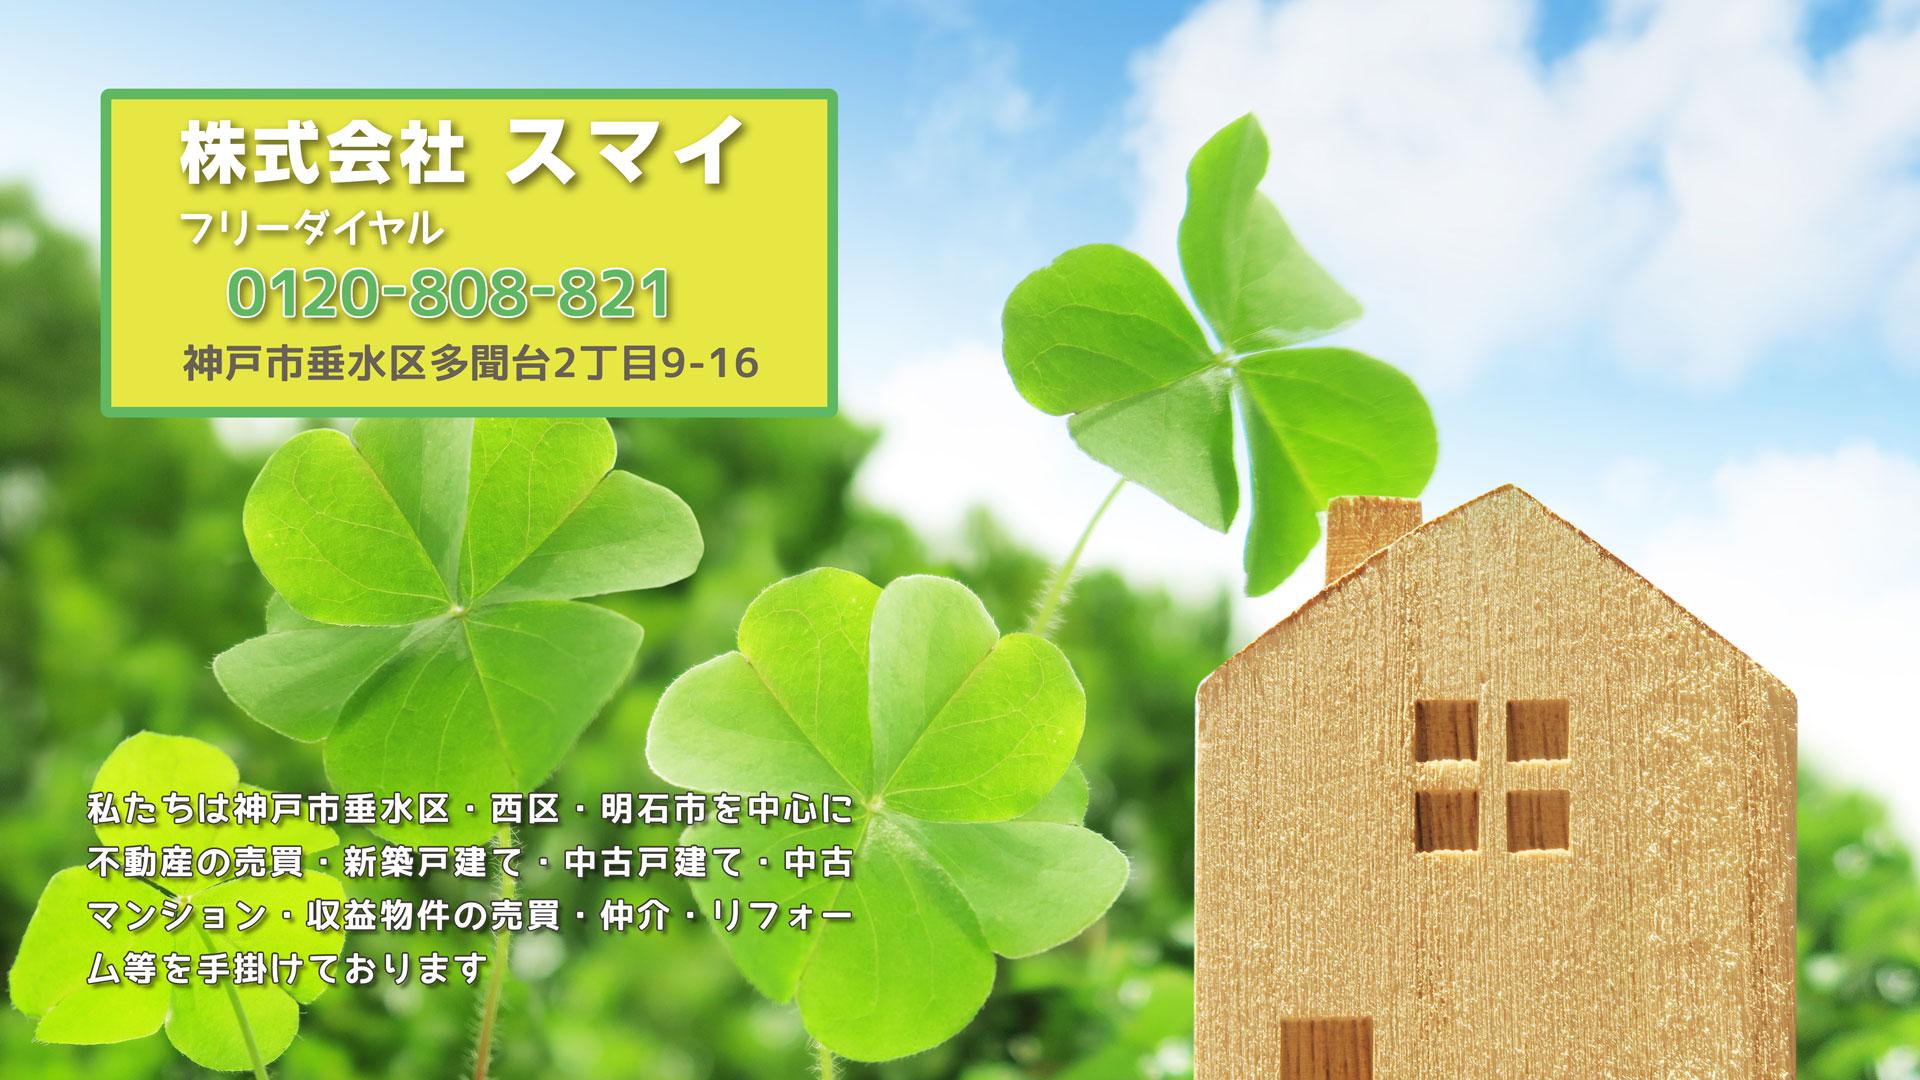 私たちは神戸市西区・垂水区明石市を中心に不動産を手掛けております